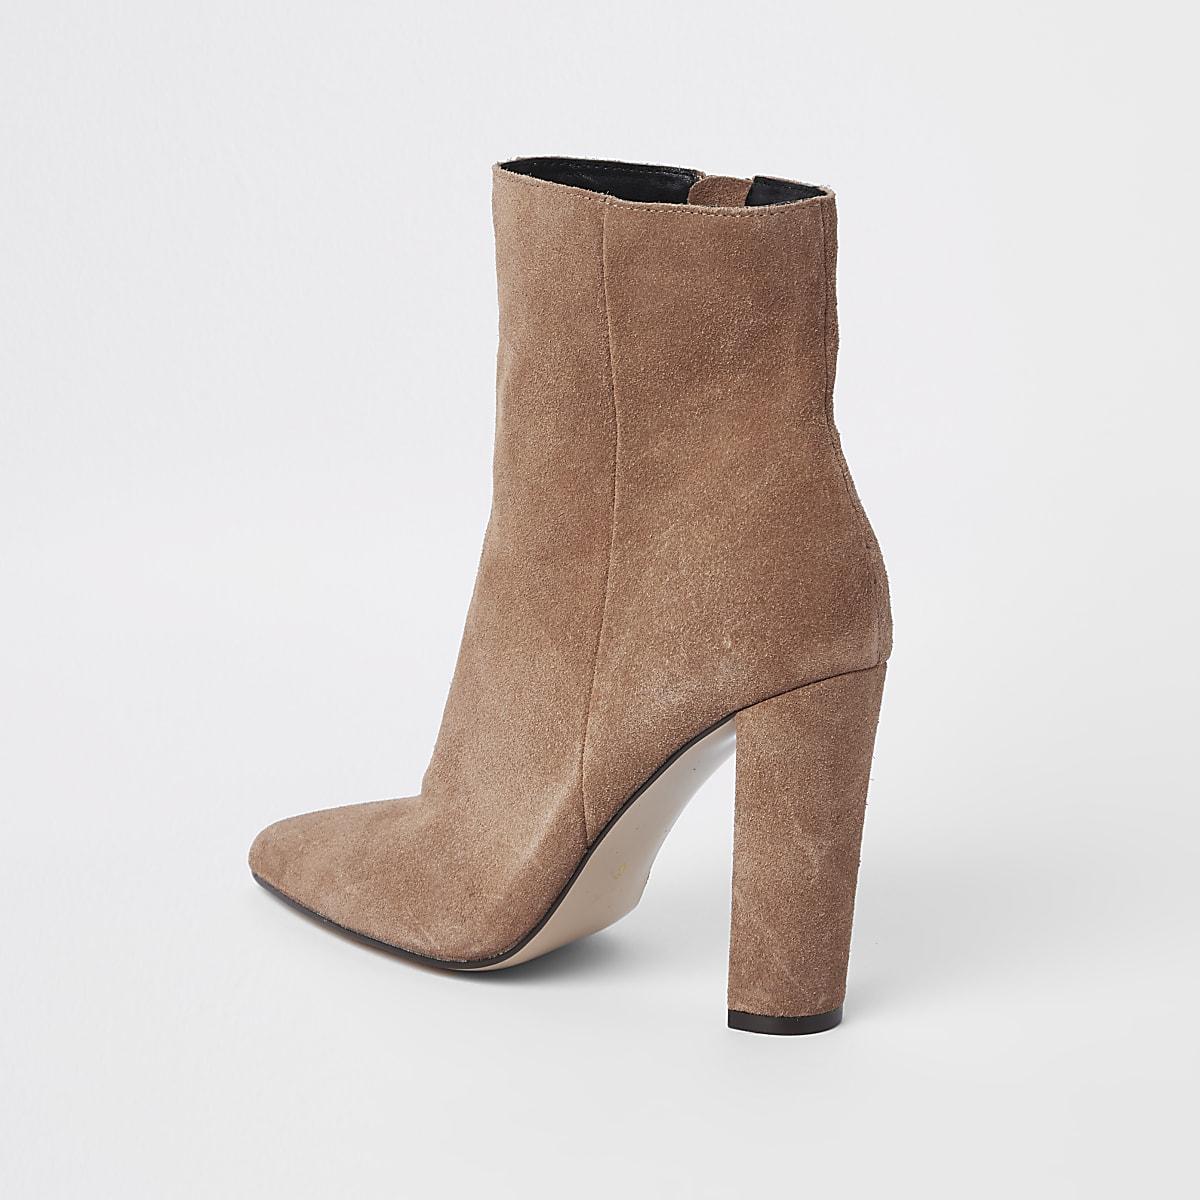 7a34aae6a6944d Hellbraune Wildlederstiefel mit Blockabsatz - Stiefel - Schuhe ...